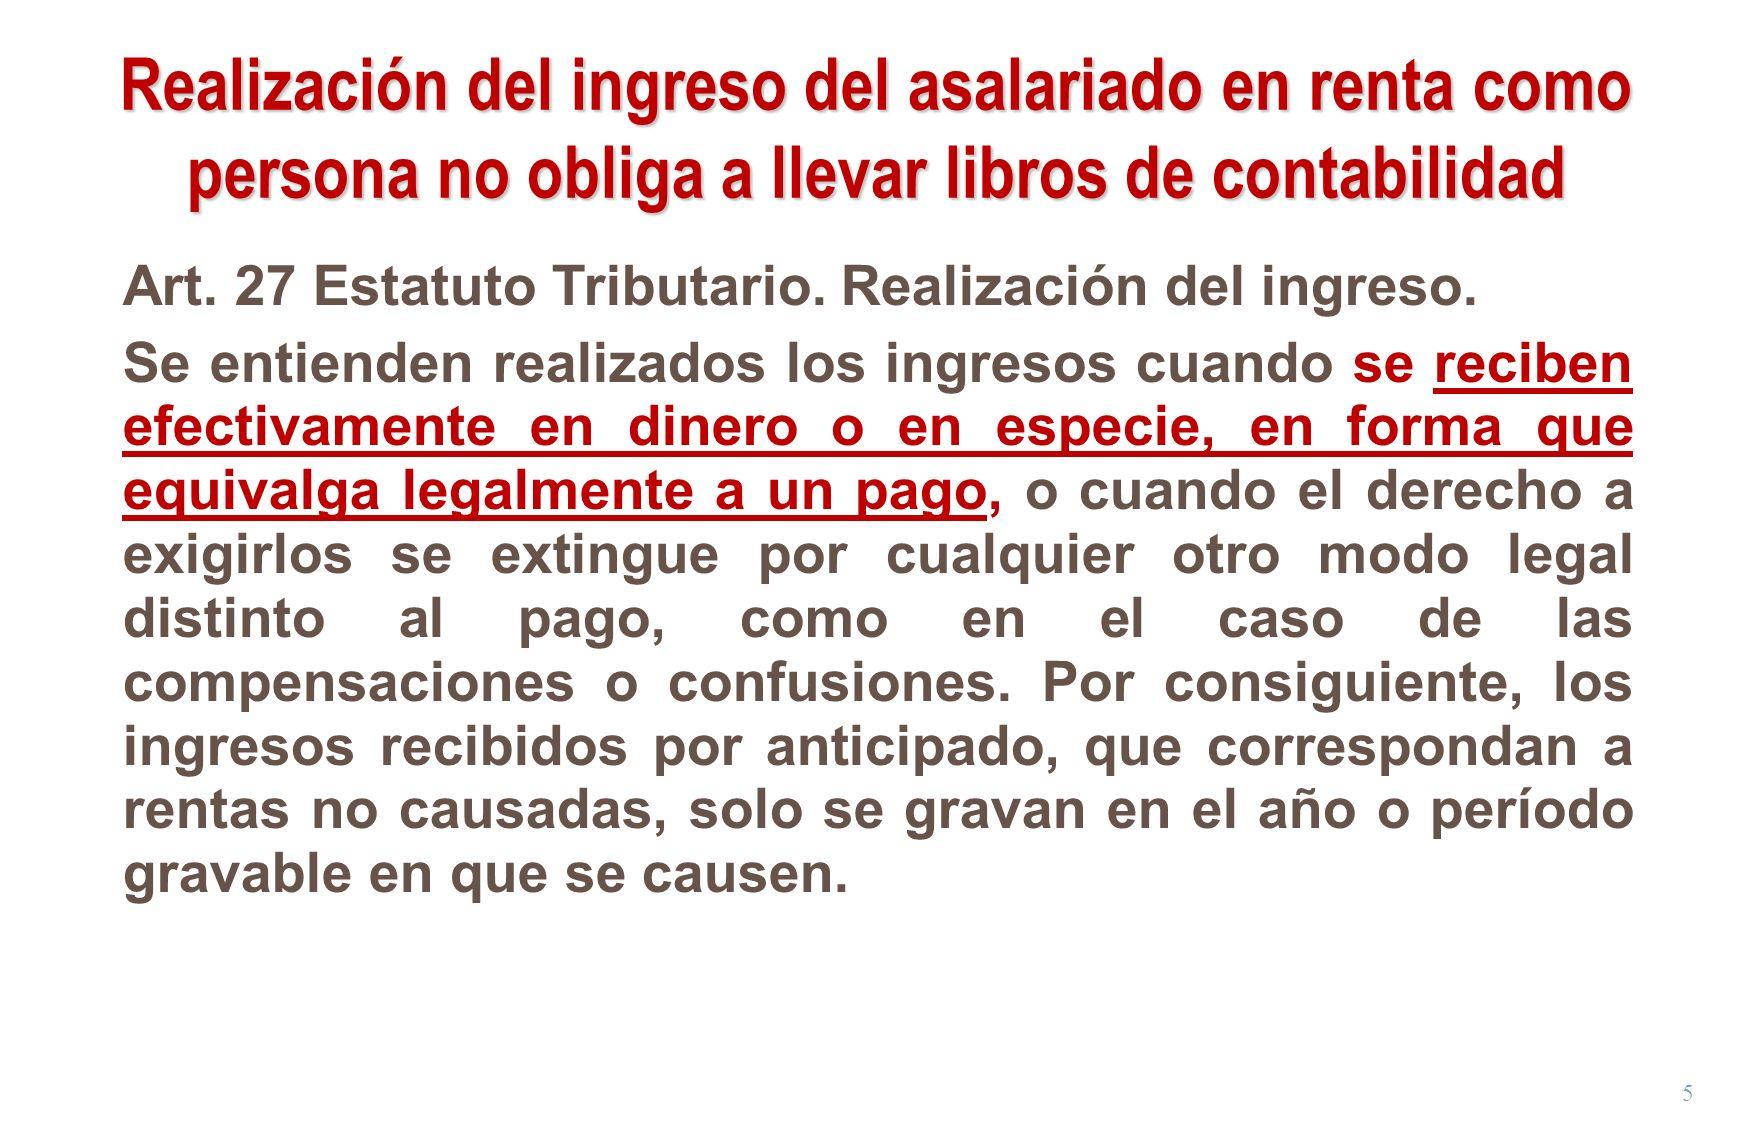 5 Realización del ingreso del asalariado en renta como persona no obliga a llevar libros de contabilidad Art. 27 Estatuto Tributario. Realización del